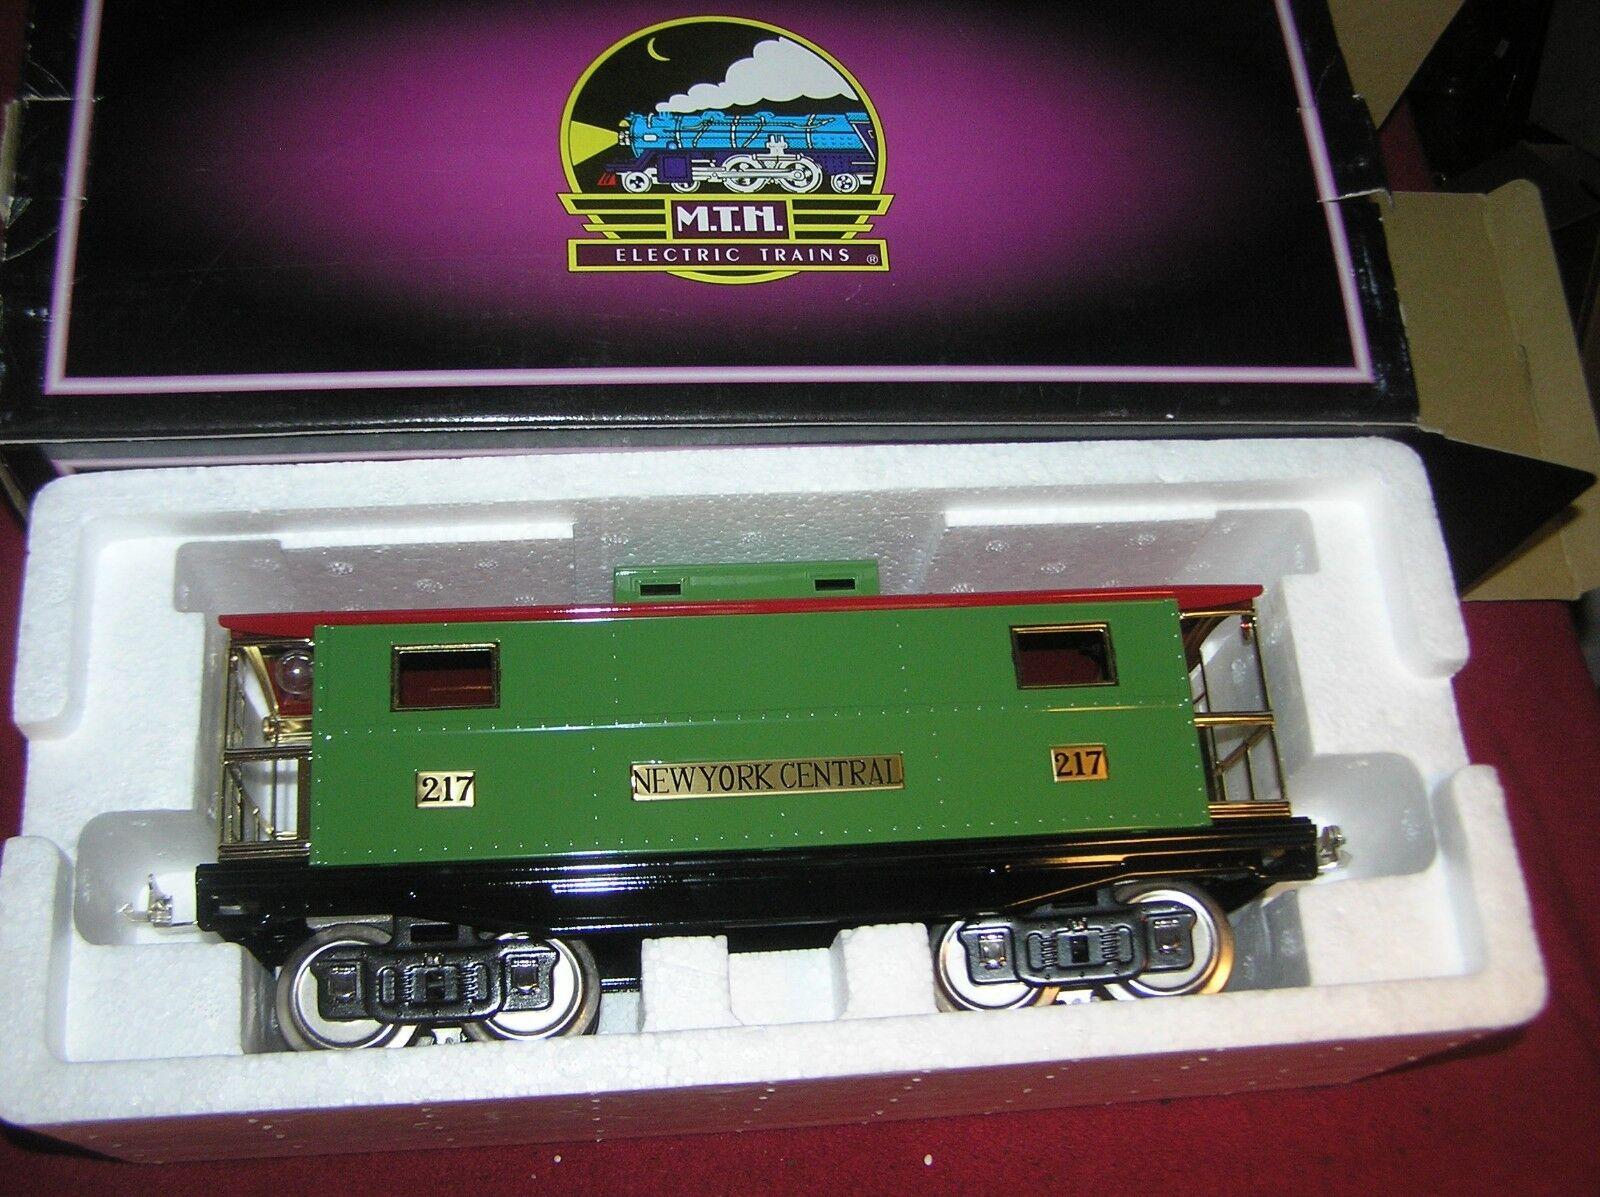 MTH Escala estándar  217, furgón de cola, Nueva York Central, Pea verde y Roja, 10-1055, ob